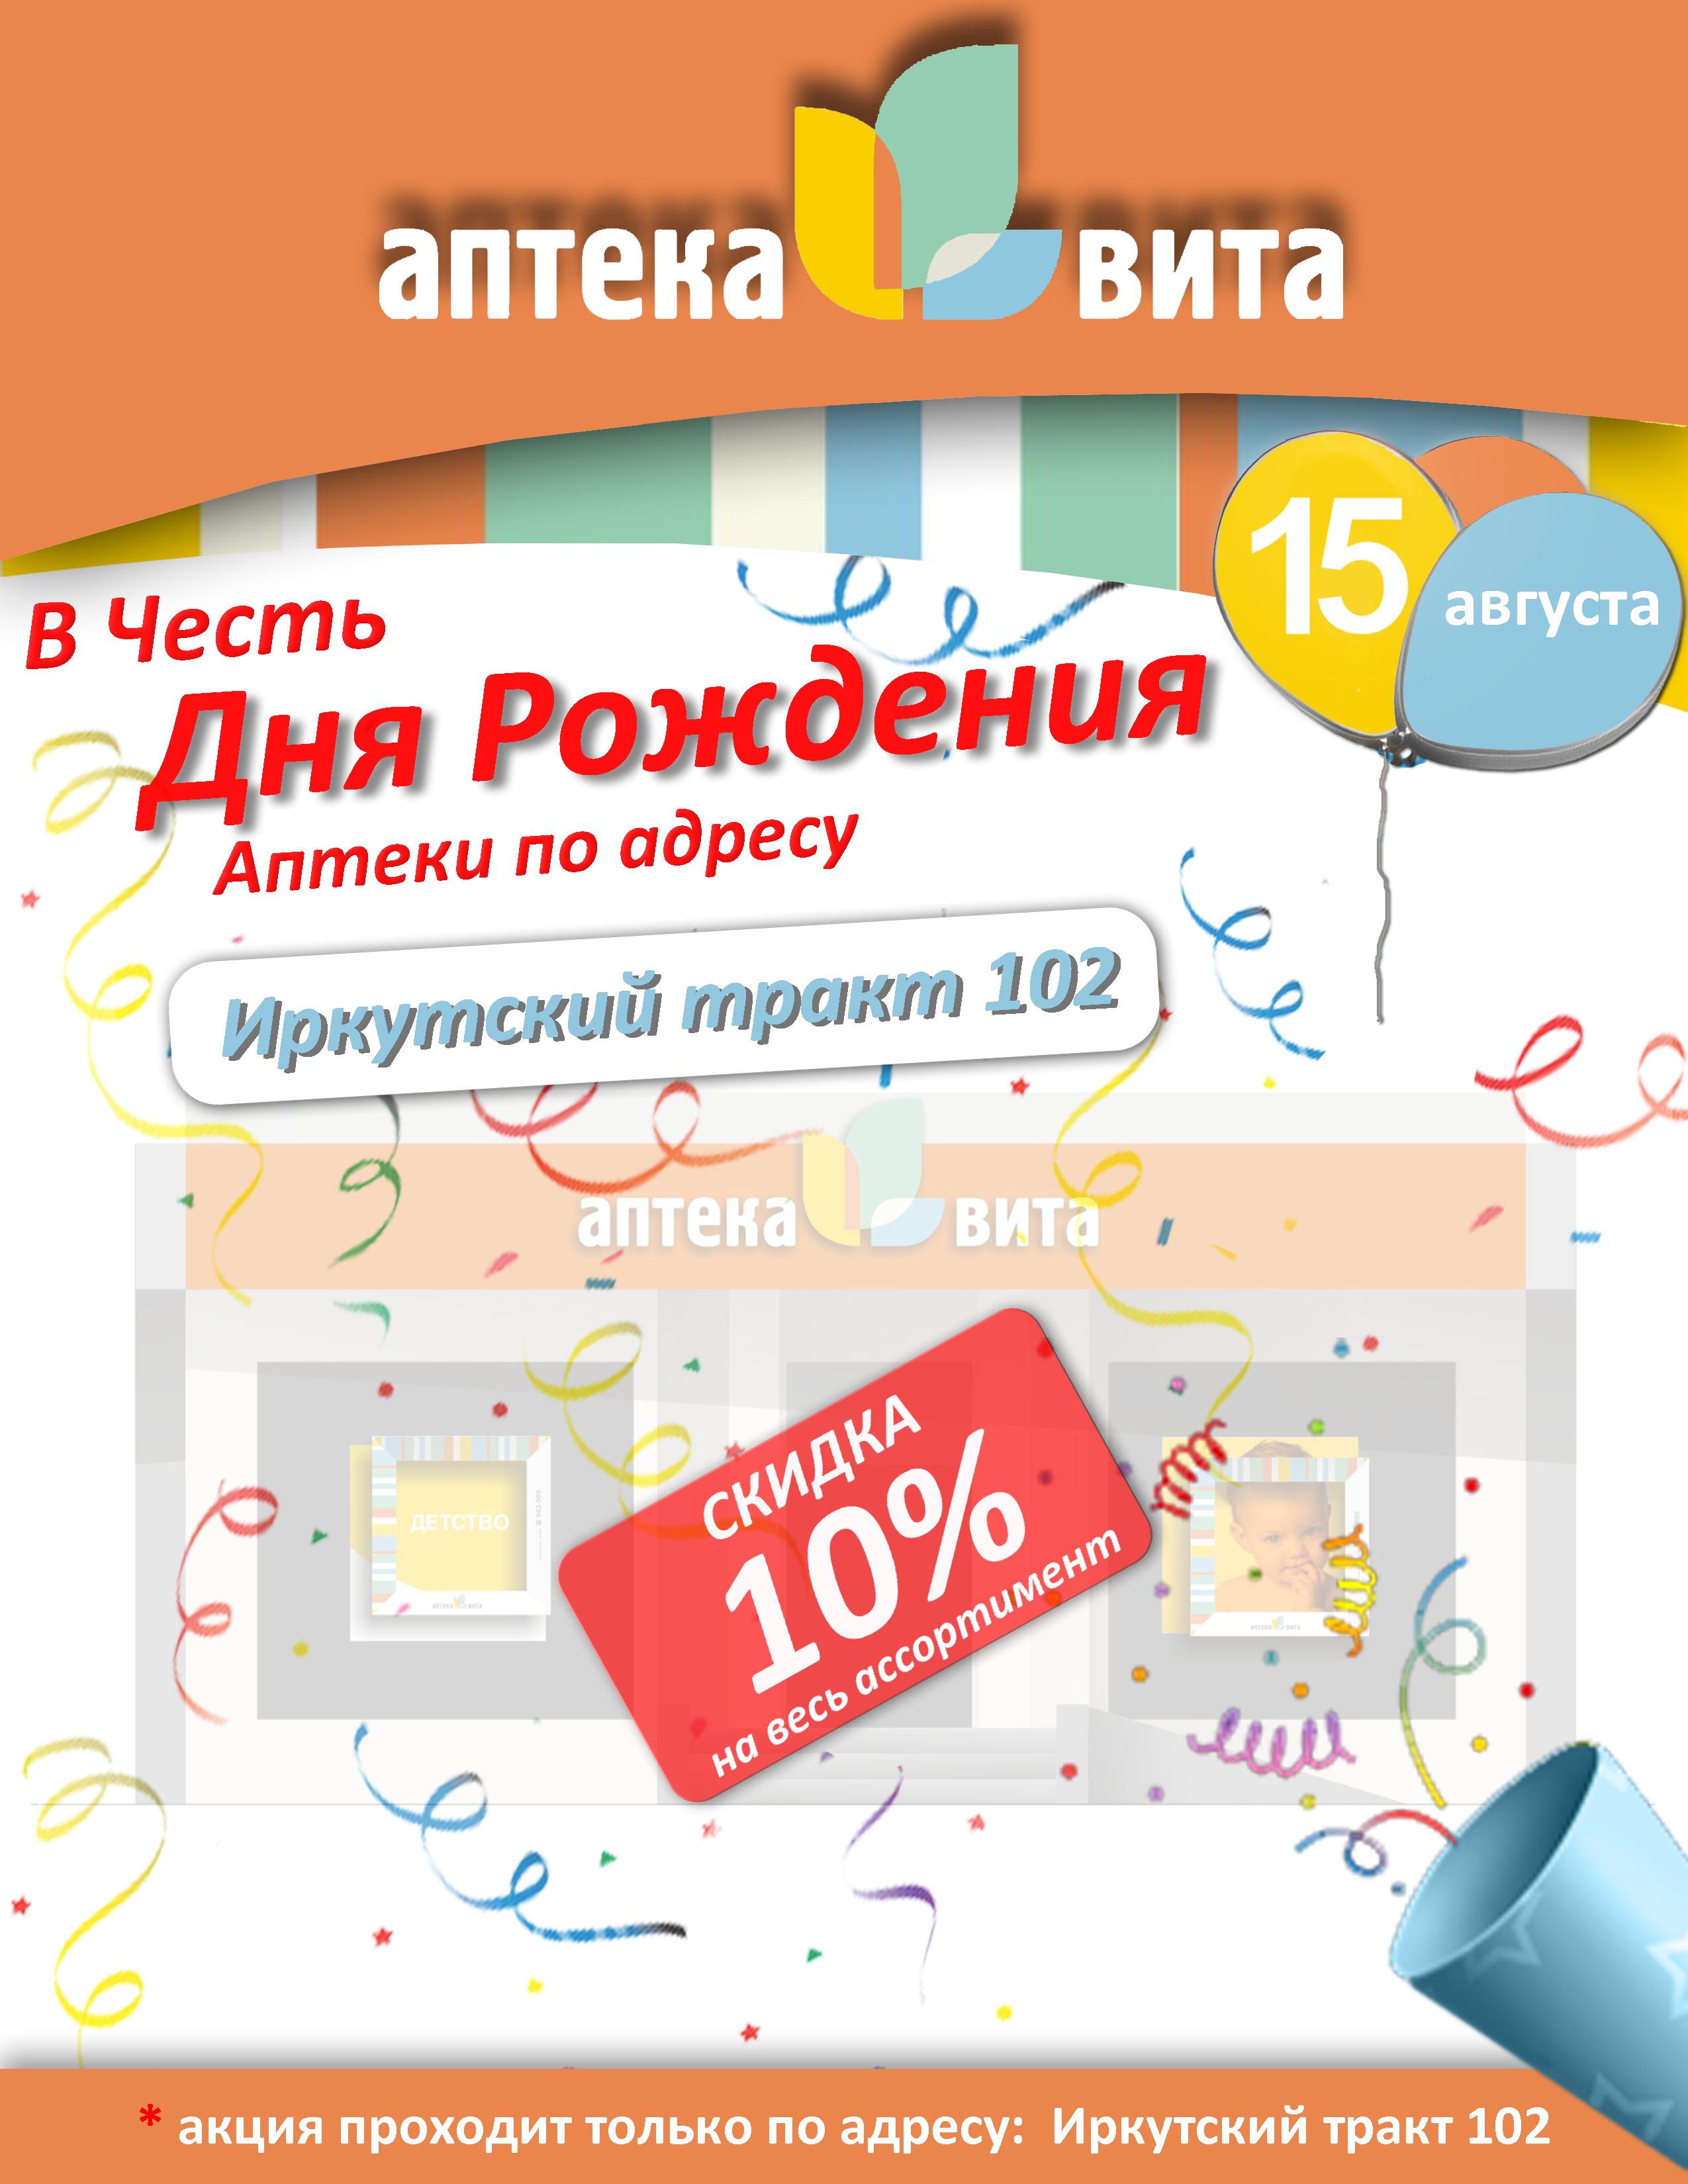 Поздравления с днём рождения аптеки